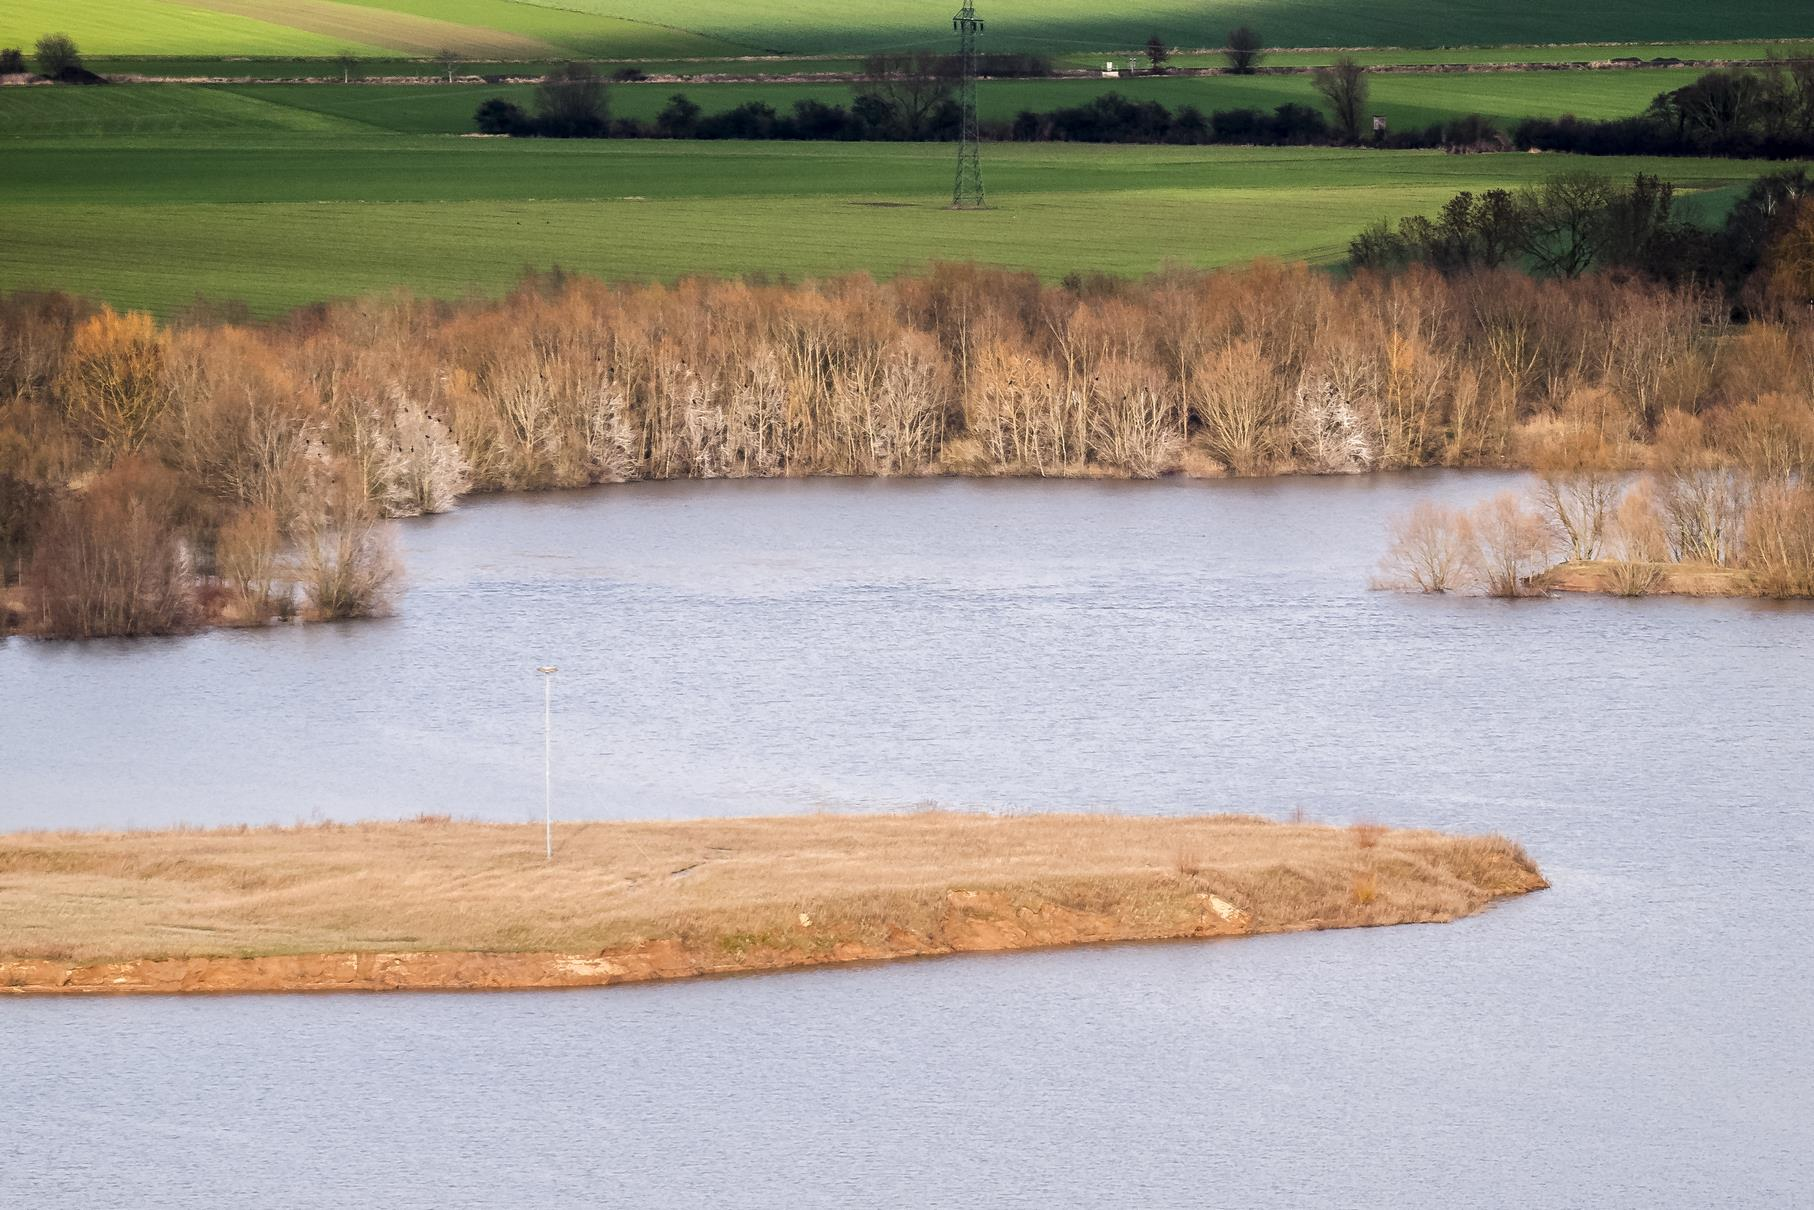 Der westliche Teich von oben. Gut zu erkennen ist die Vogelinsel mit dem Fischadlerhorst.